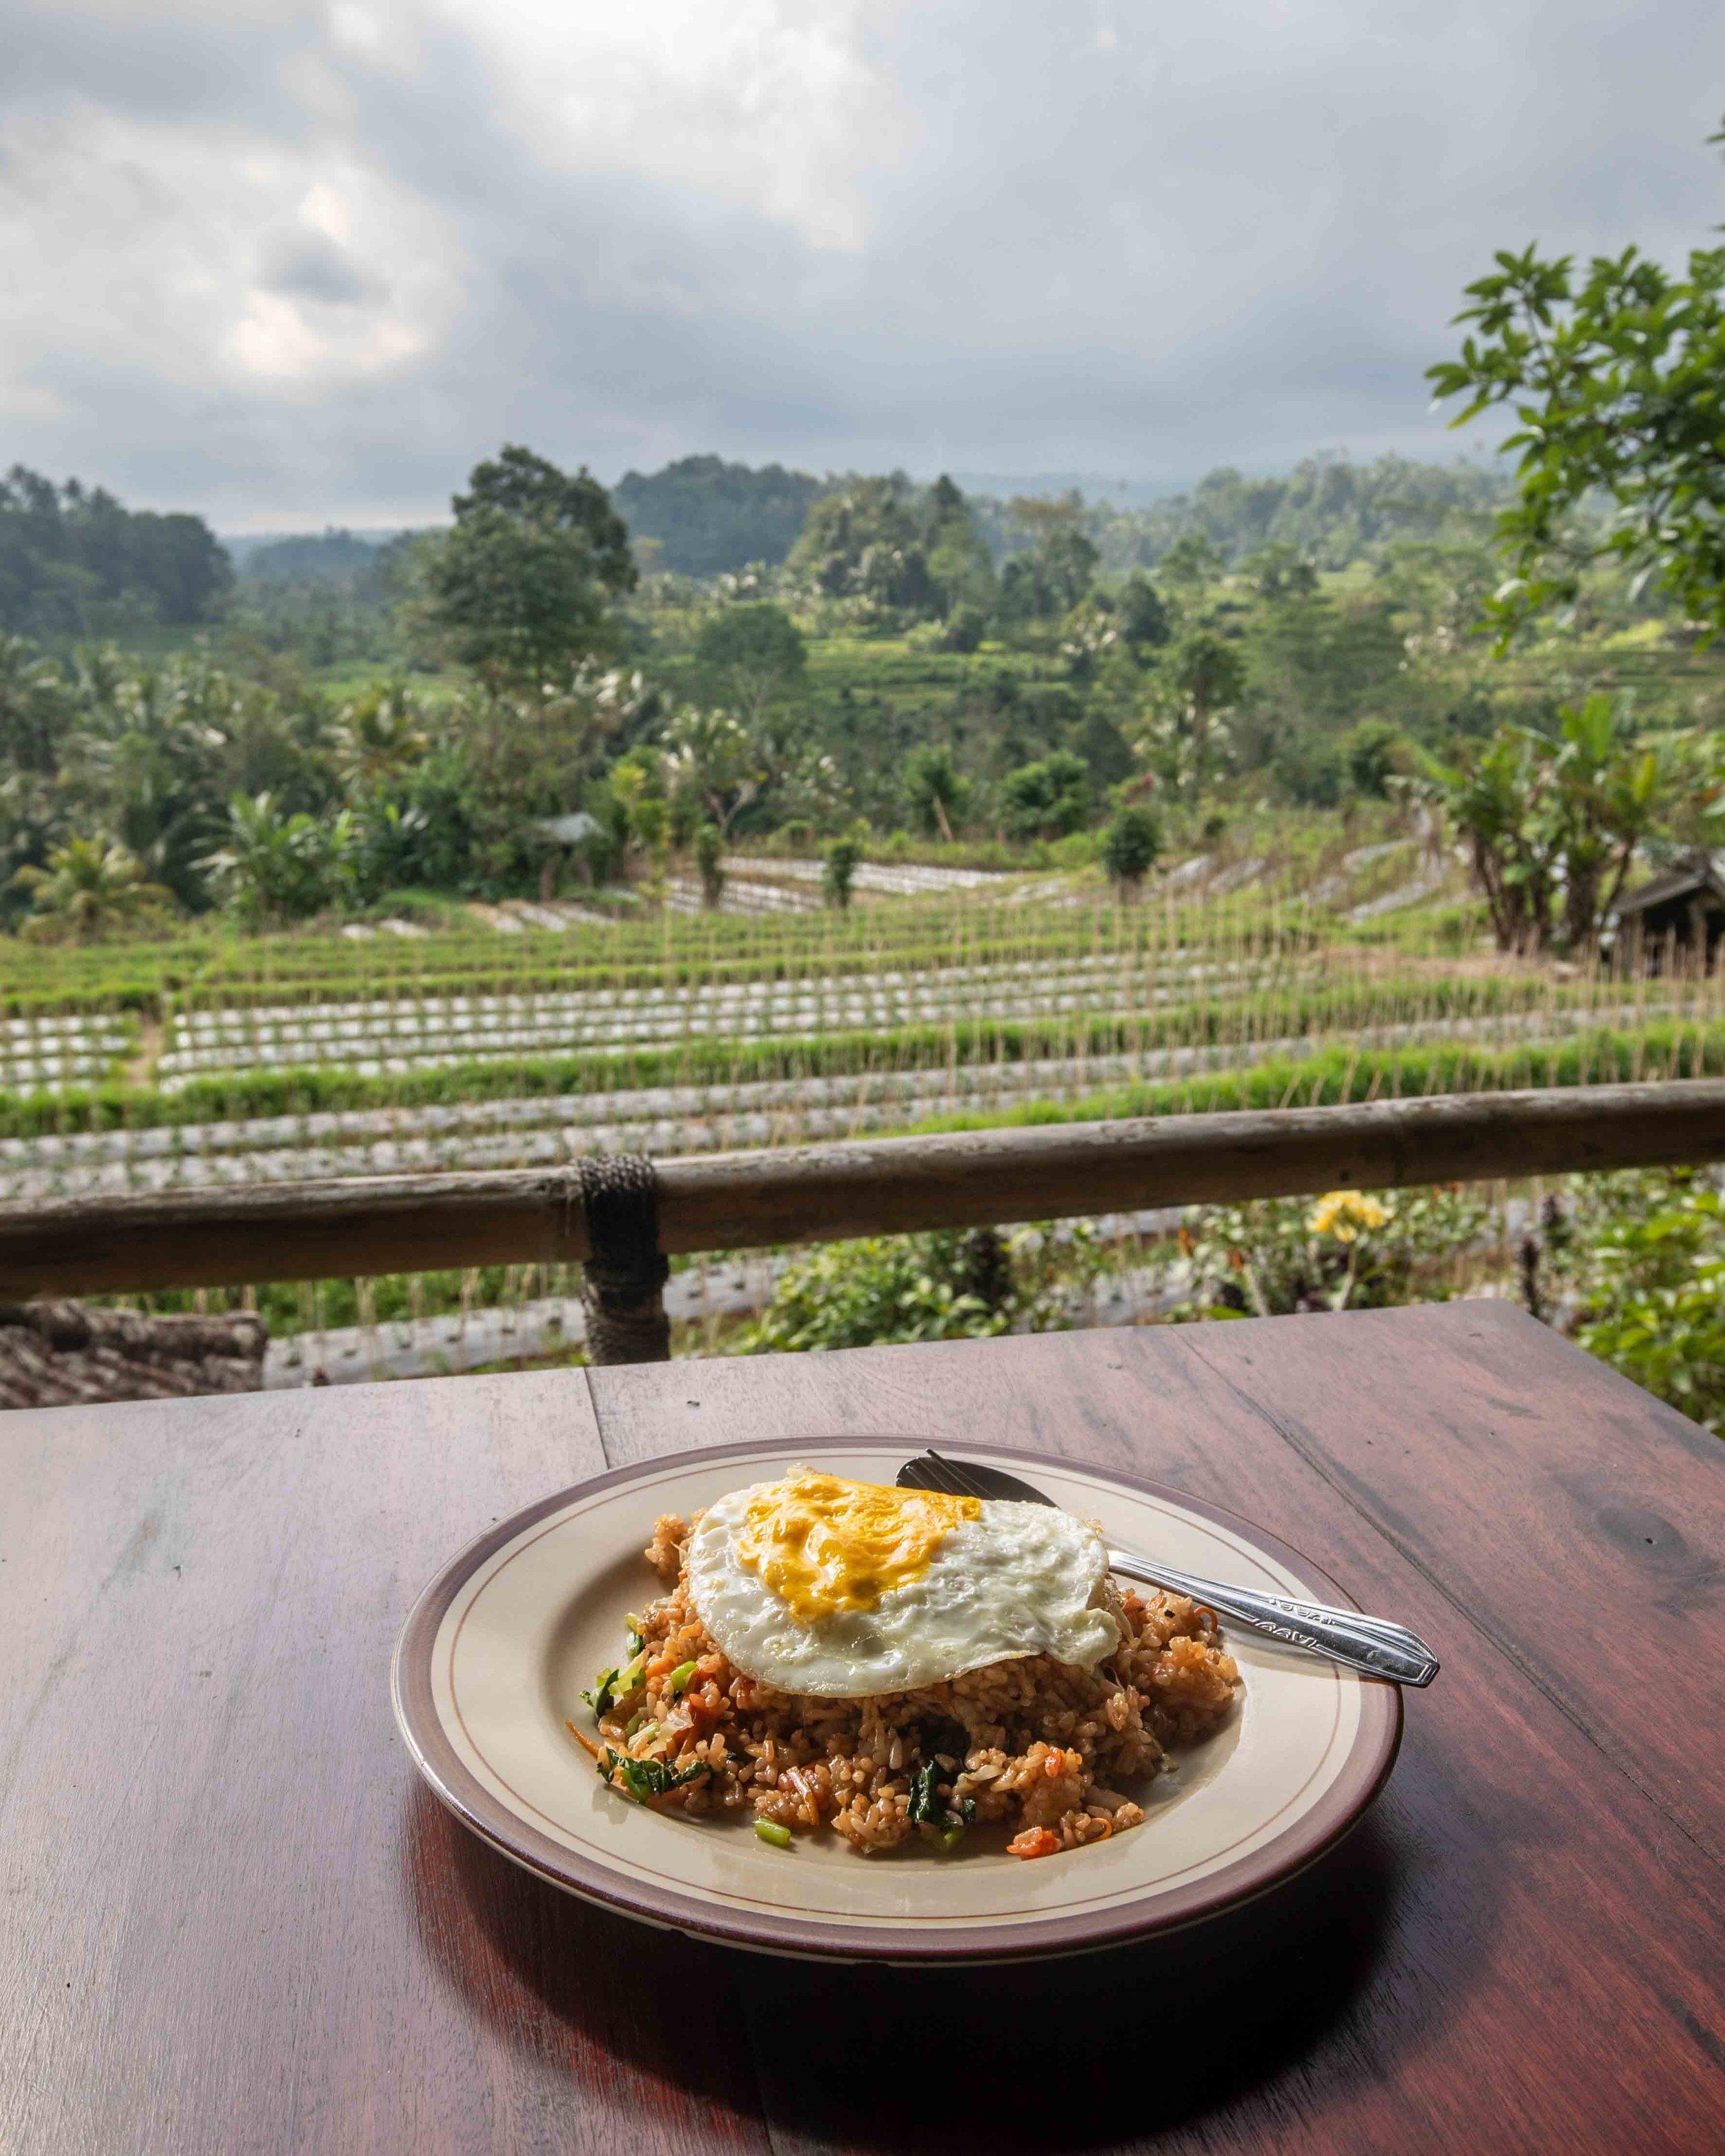 Sidemen Bali - visiting Iseh